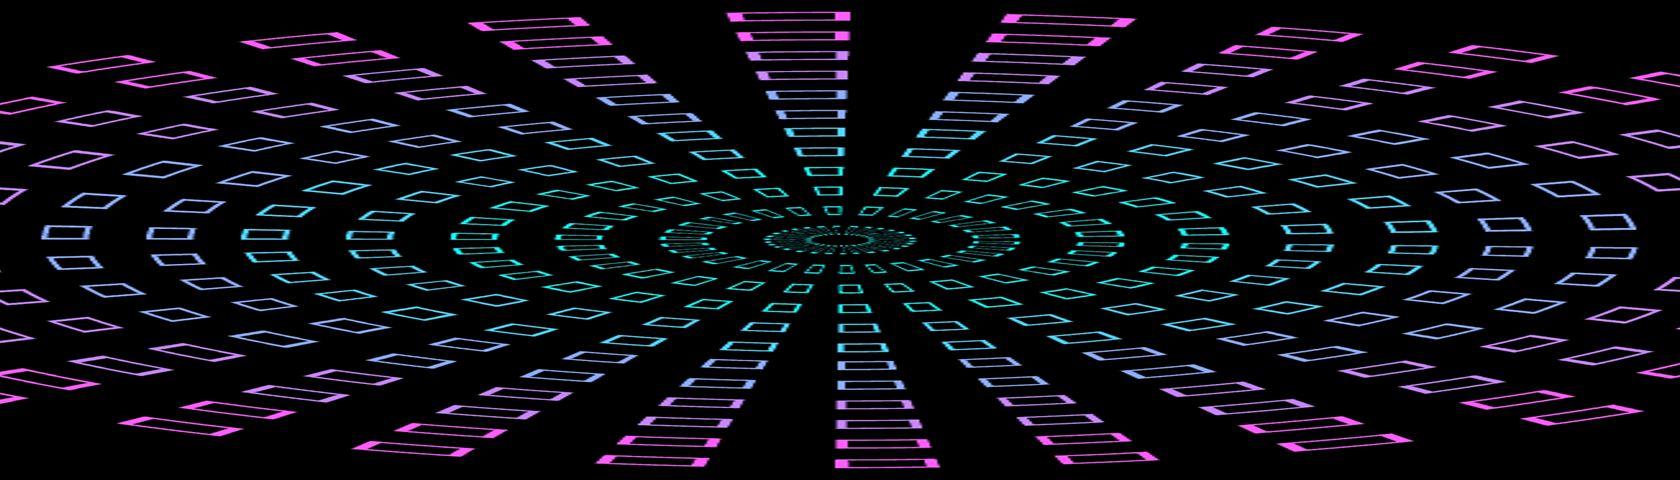 Circular Squares